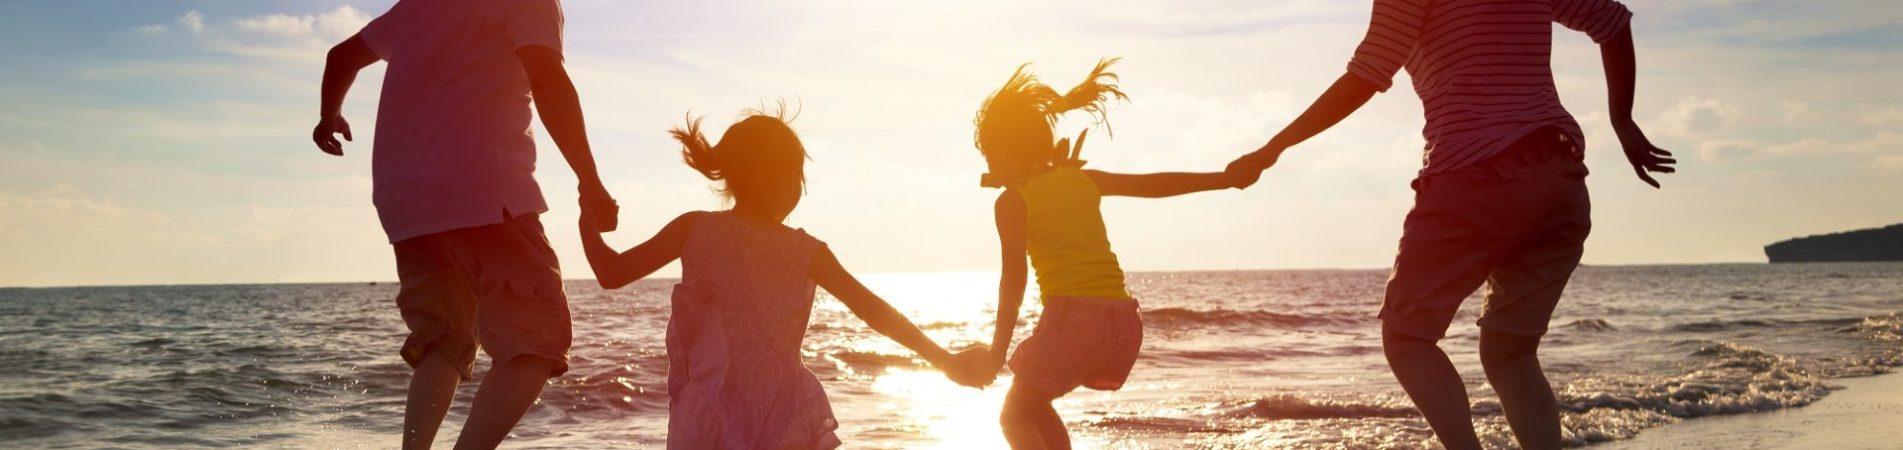 Familienurlaub Teneriffa. Ferienwohnungen und Ferienhäuser mit Kind.